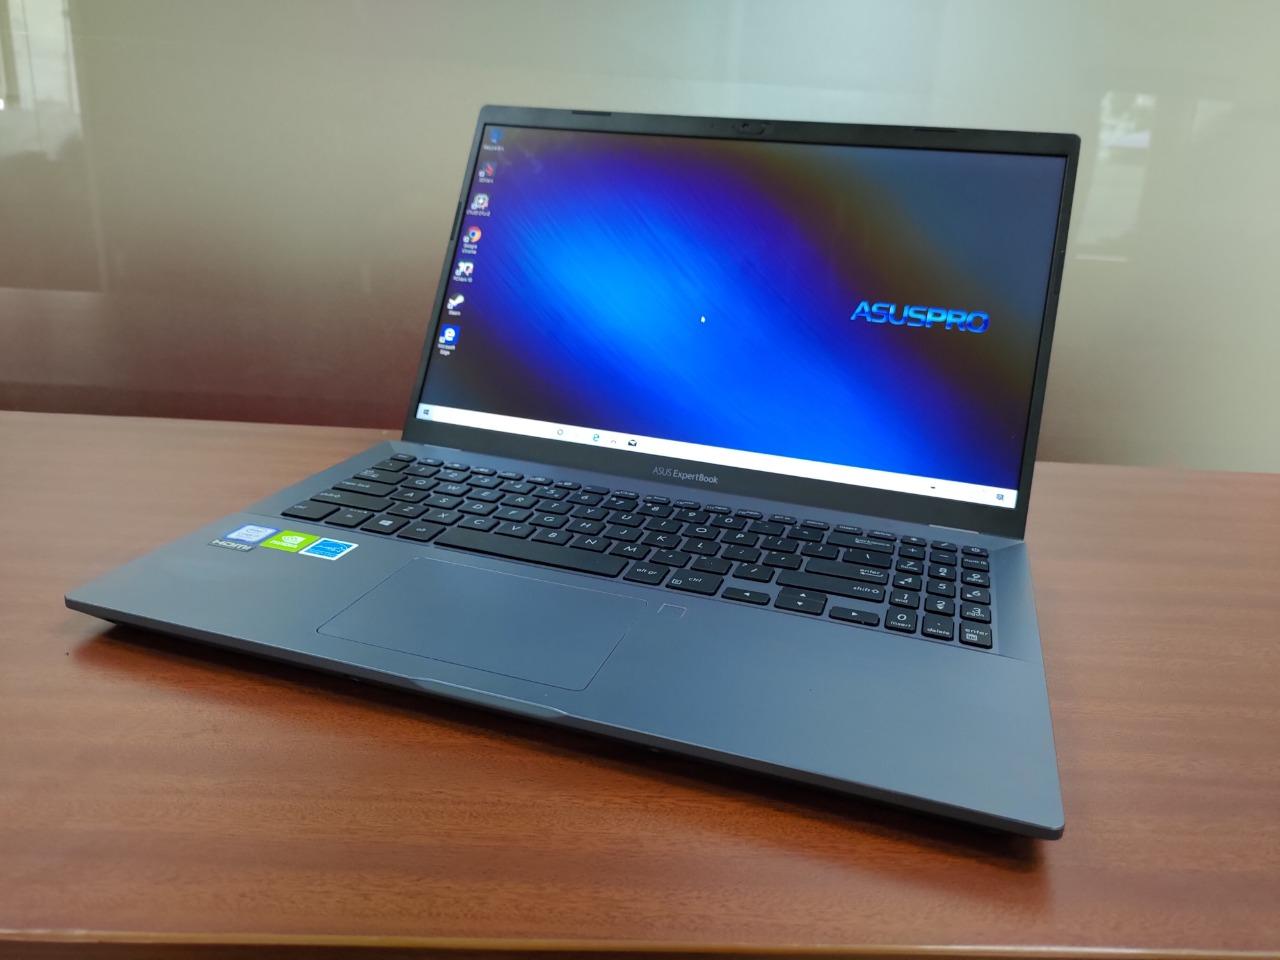 Asus ExpertBook P3540FB: Layar 15 Inci, Bodi Tipis, Baterai Awet ...